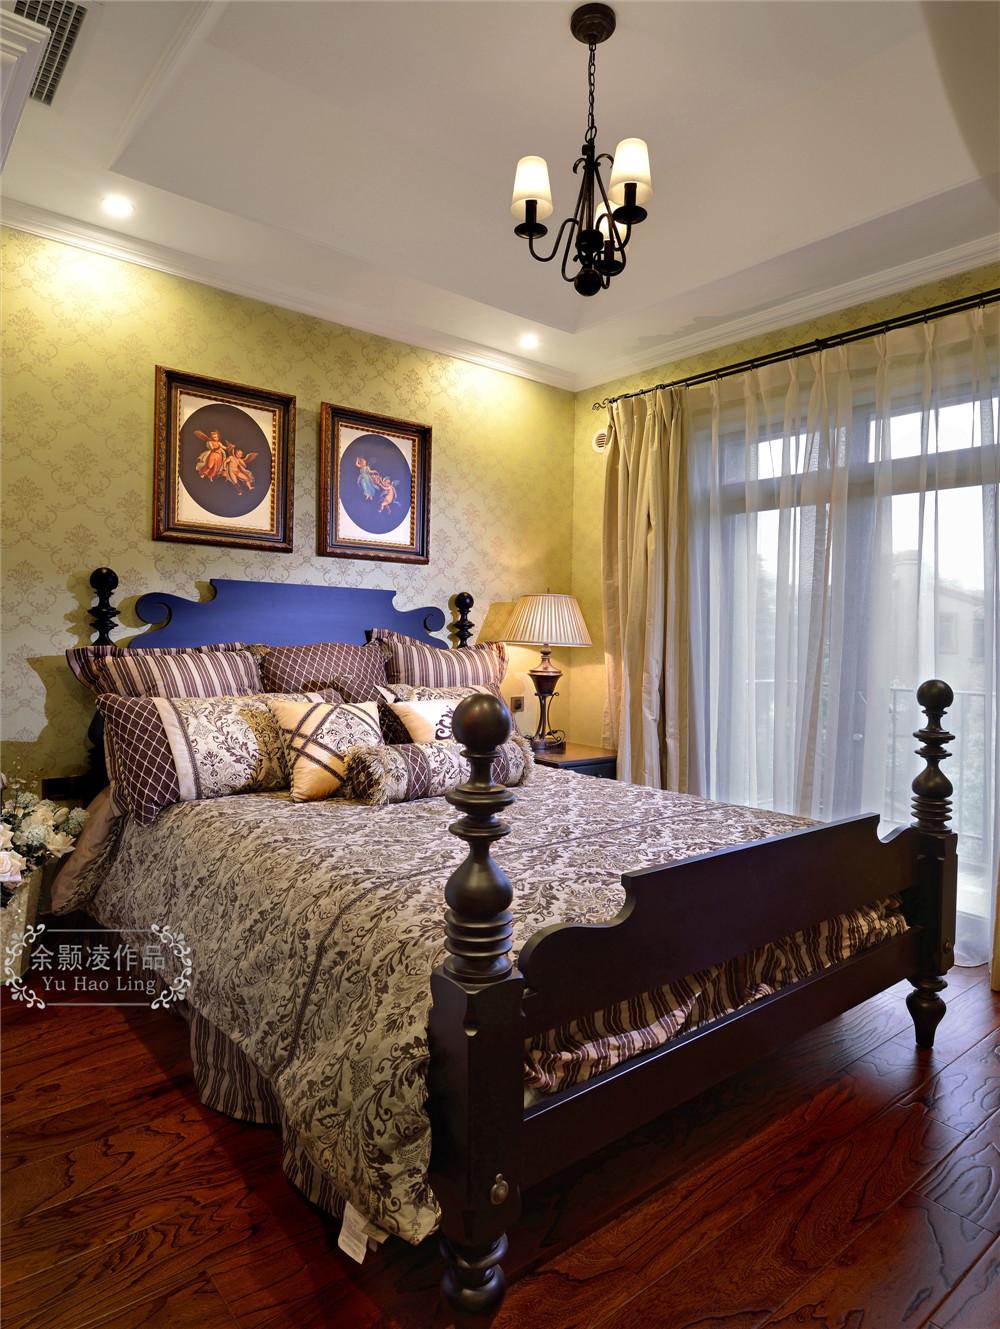 美式 麓山国际 实景 别墅 卧室图片来自成都业之峰装饰公司在美式实景风格分享的分享